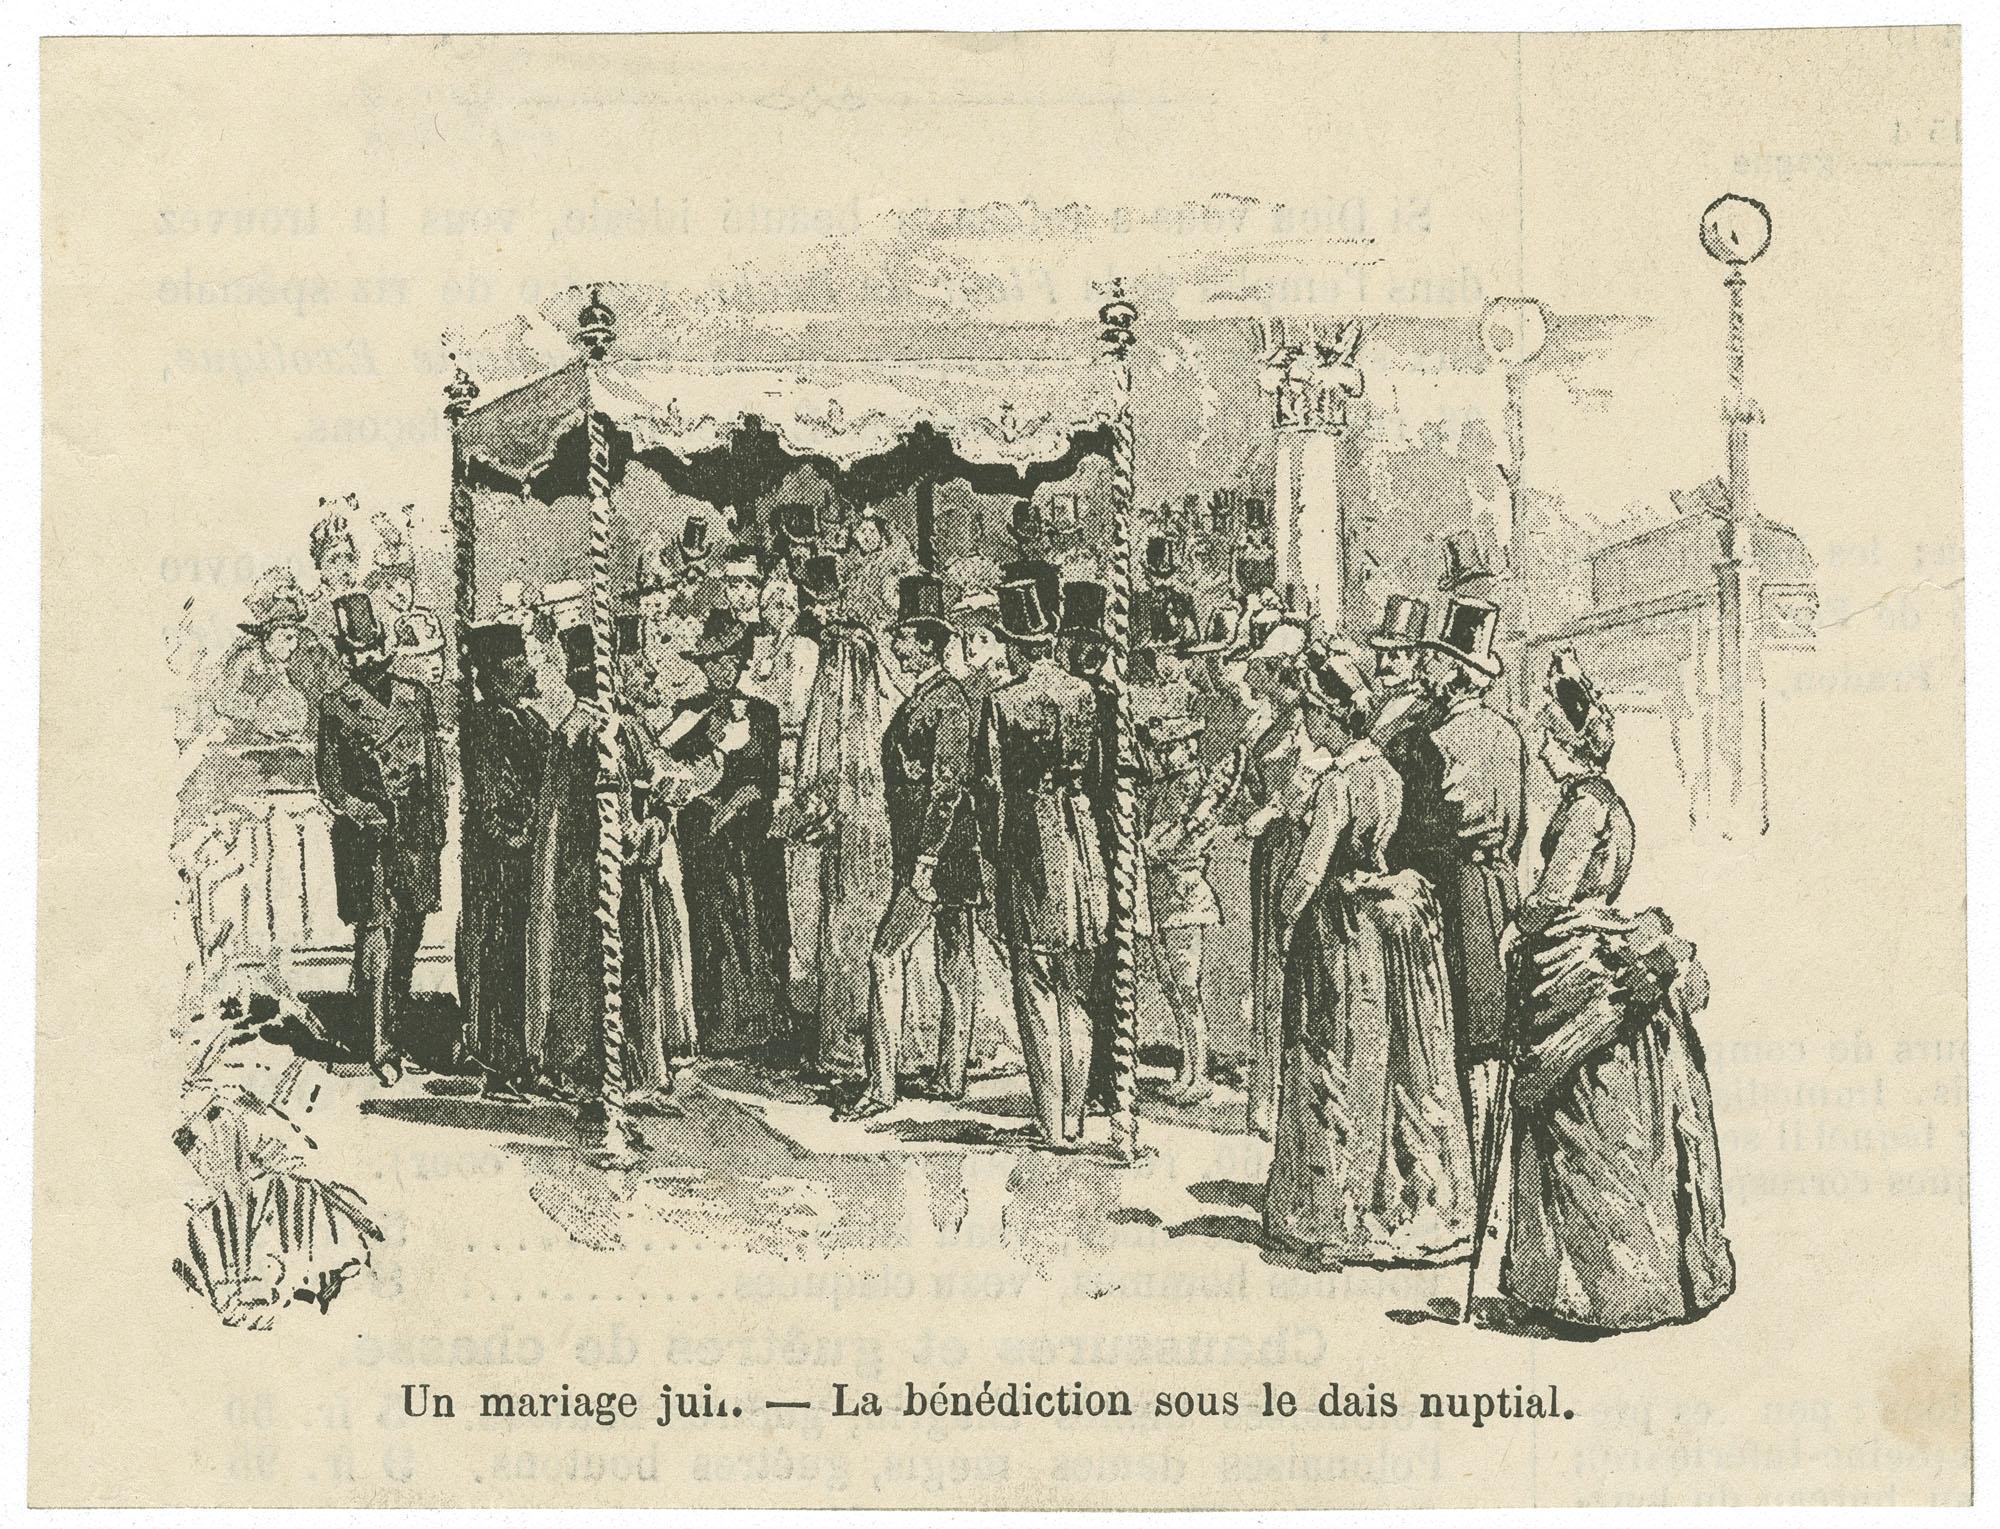 Un mariage juif.--La bénédiction sous le dais nuptial.